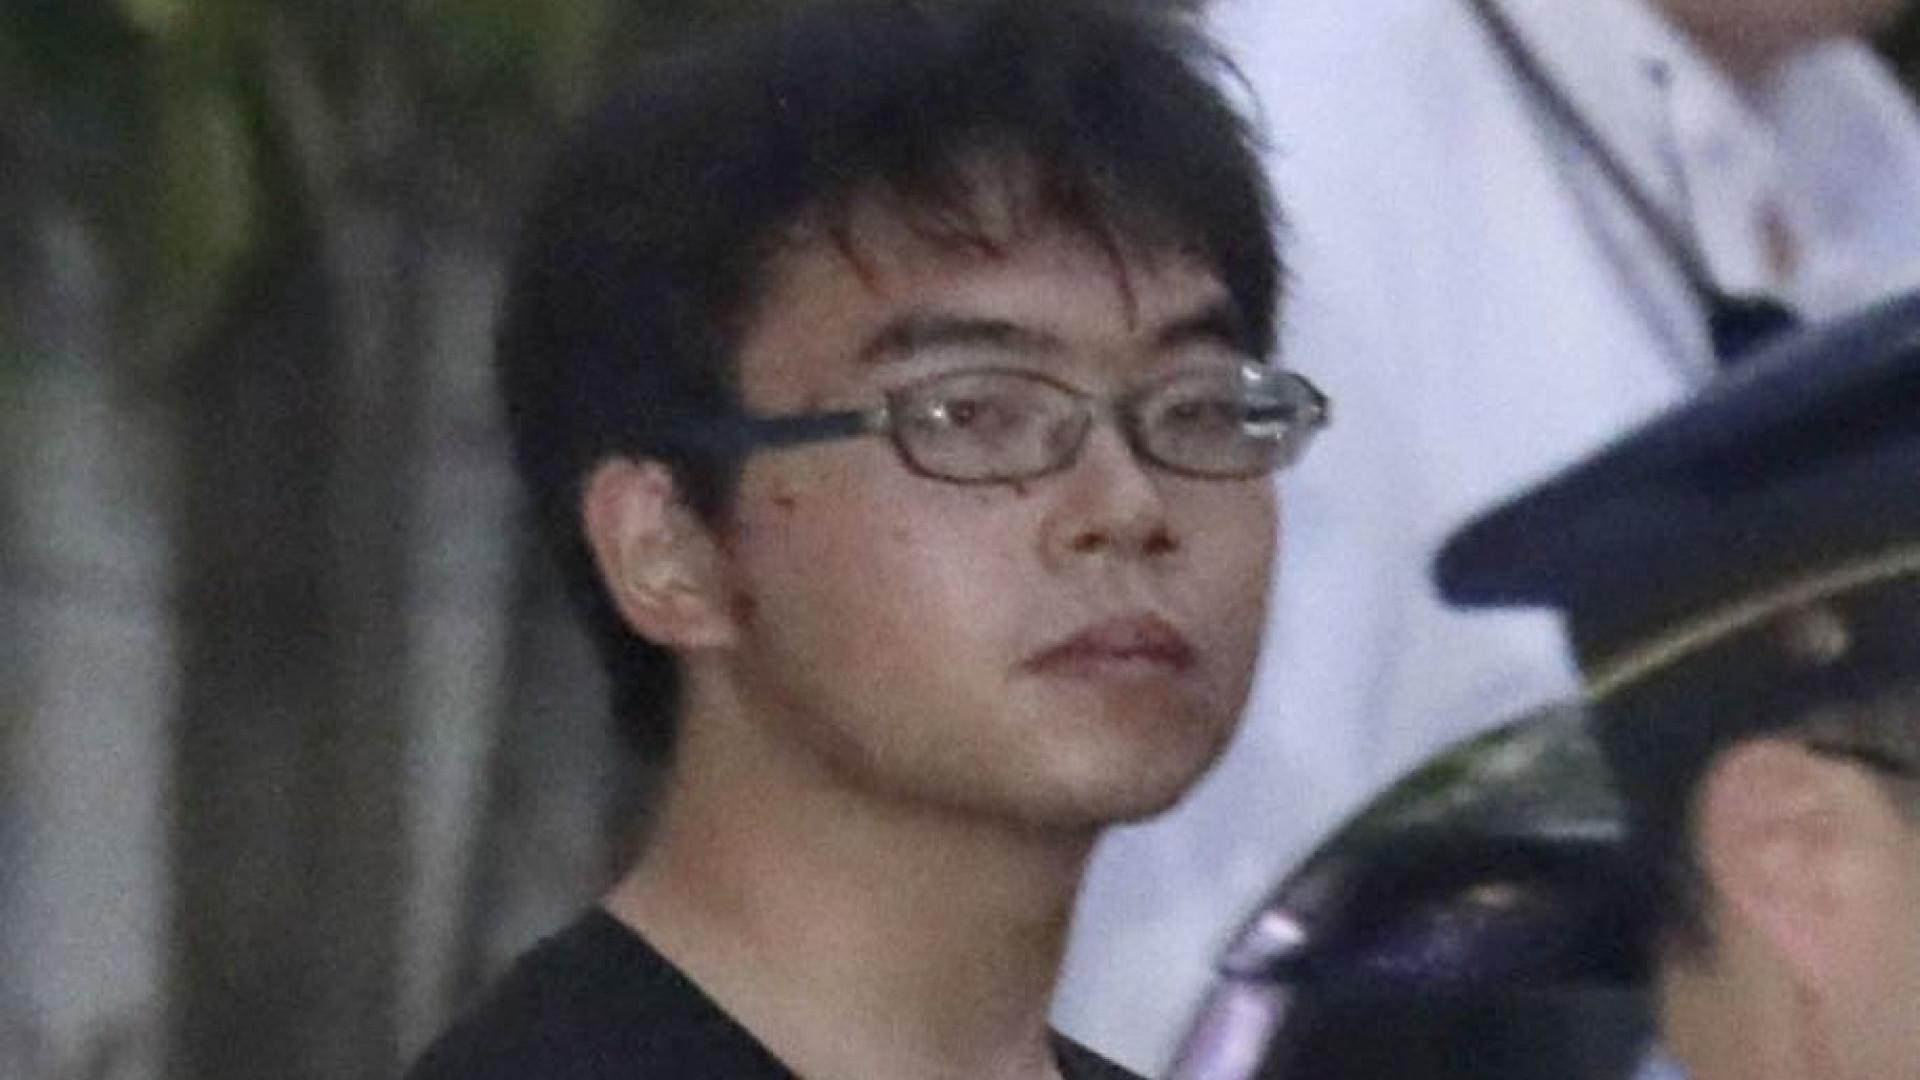 Um morto e dois feridos graves em ataque num 'comboio bala' no Japão